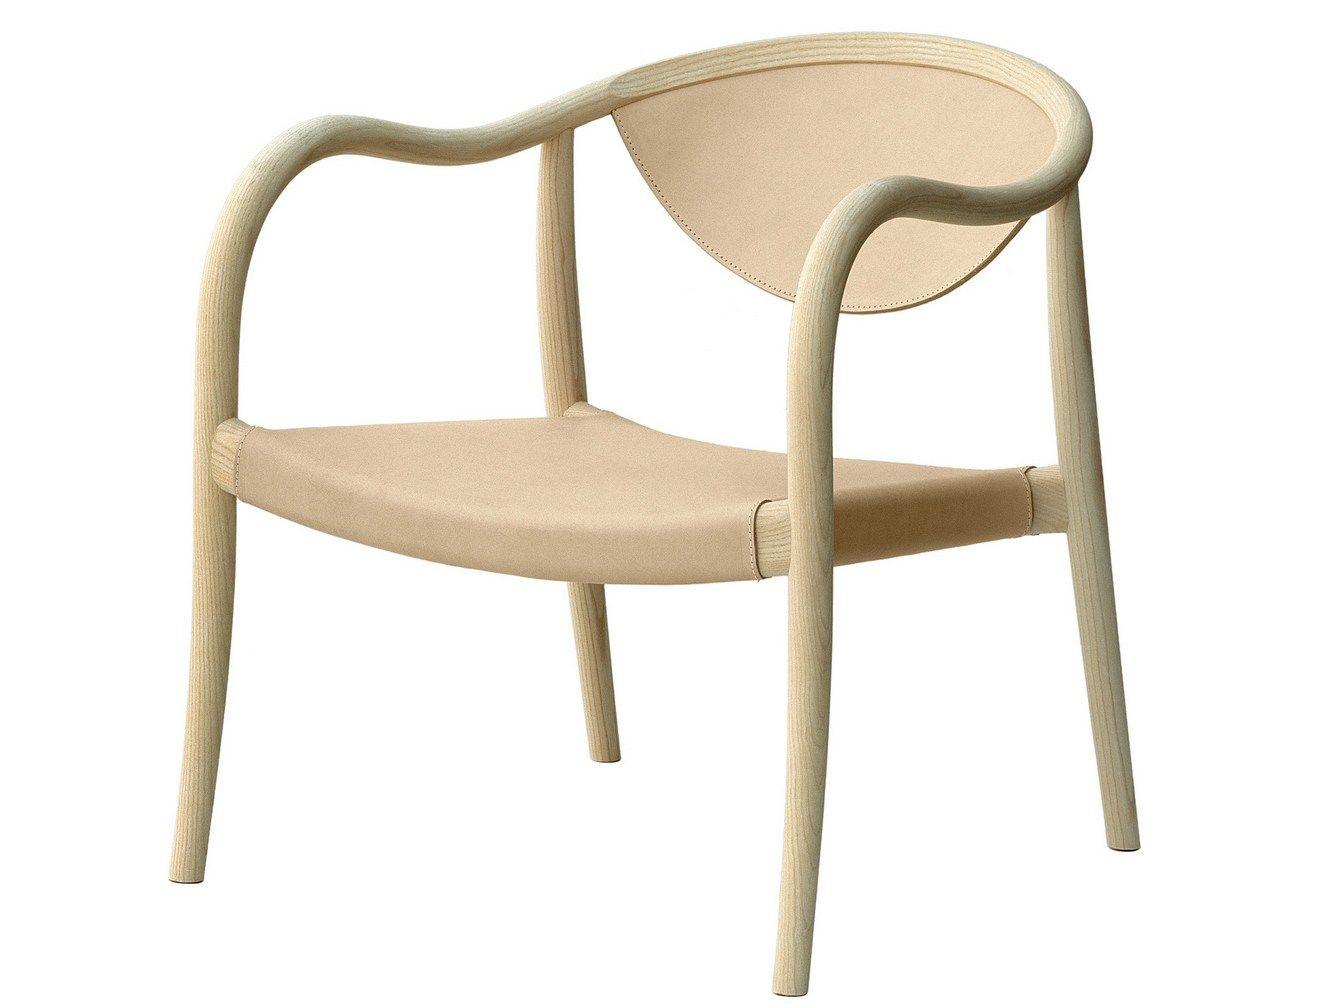 Fauteuil En Bois Avec Accoudoirs Pp911 The Slow Chair By Pp Mobler Design Soren Ulrik Petersen Fauteuil Bois Chaise Bois